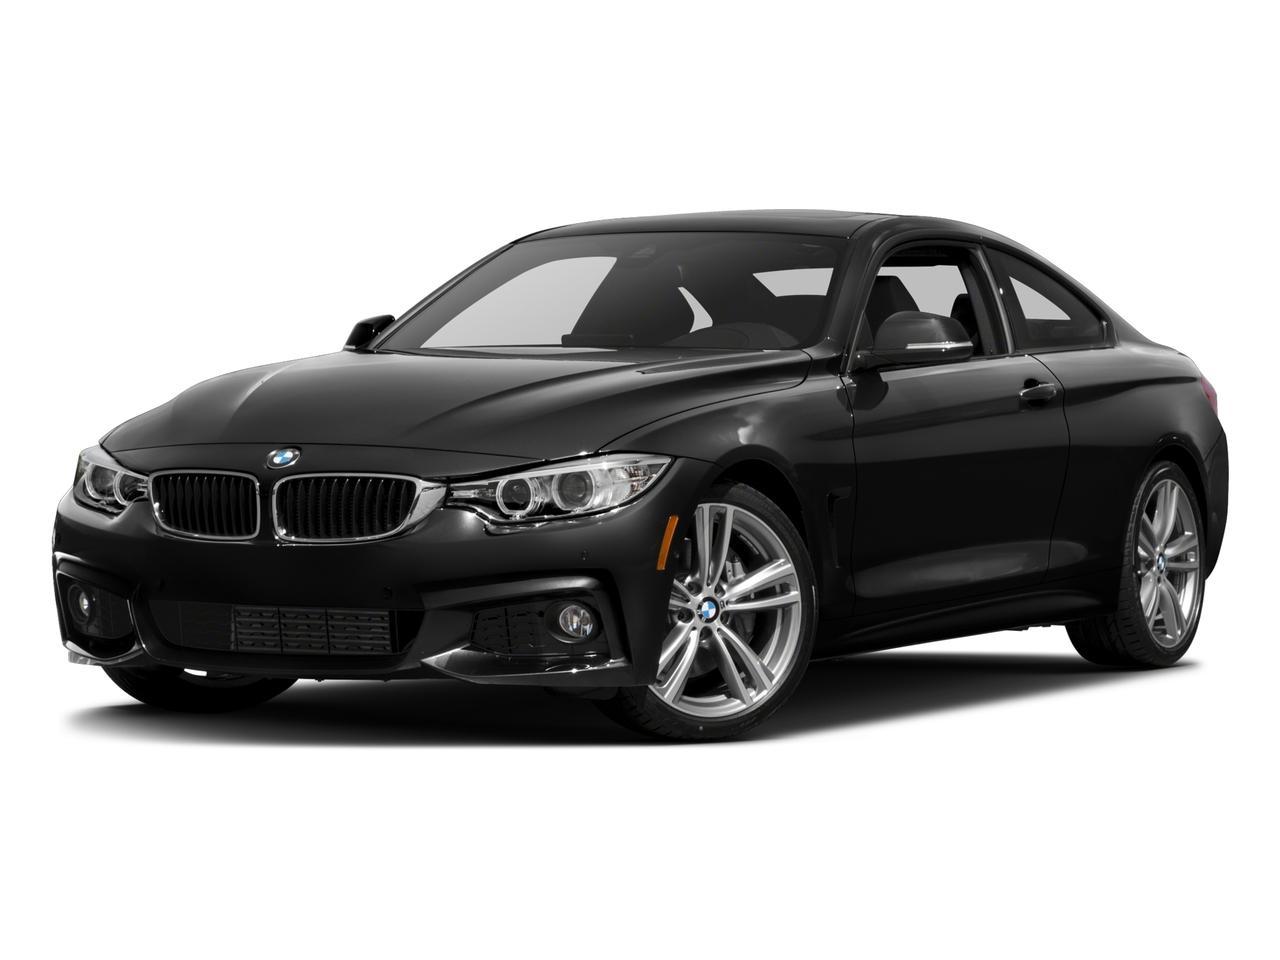 2016 BMW 428i Vehicle Photo in SELMA, TX 78154-1459